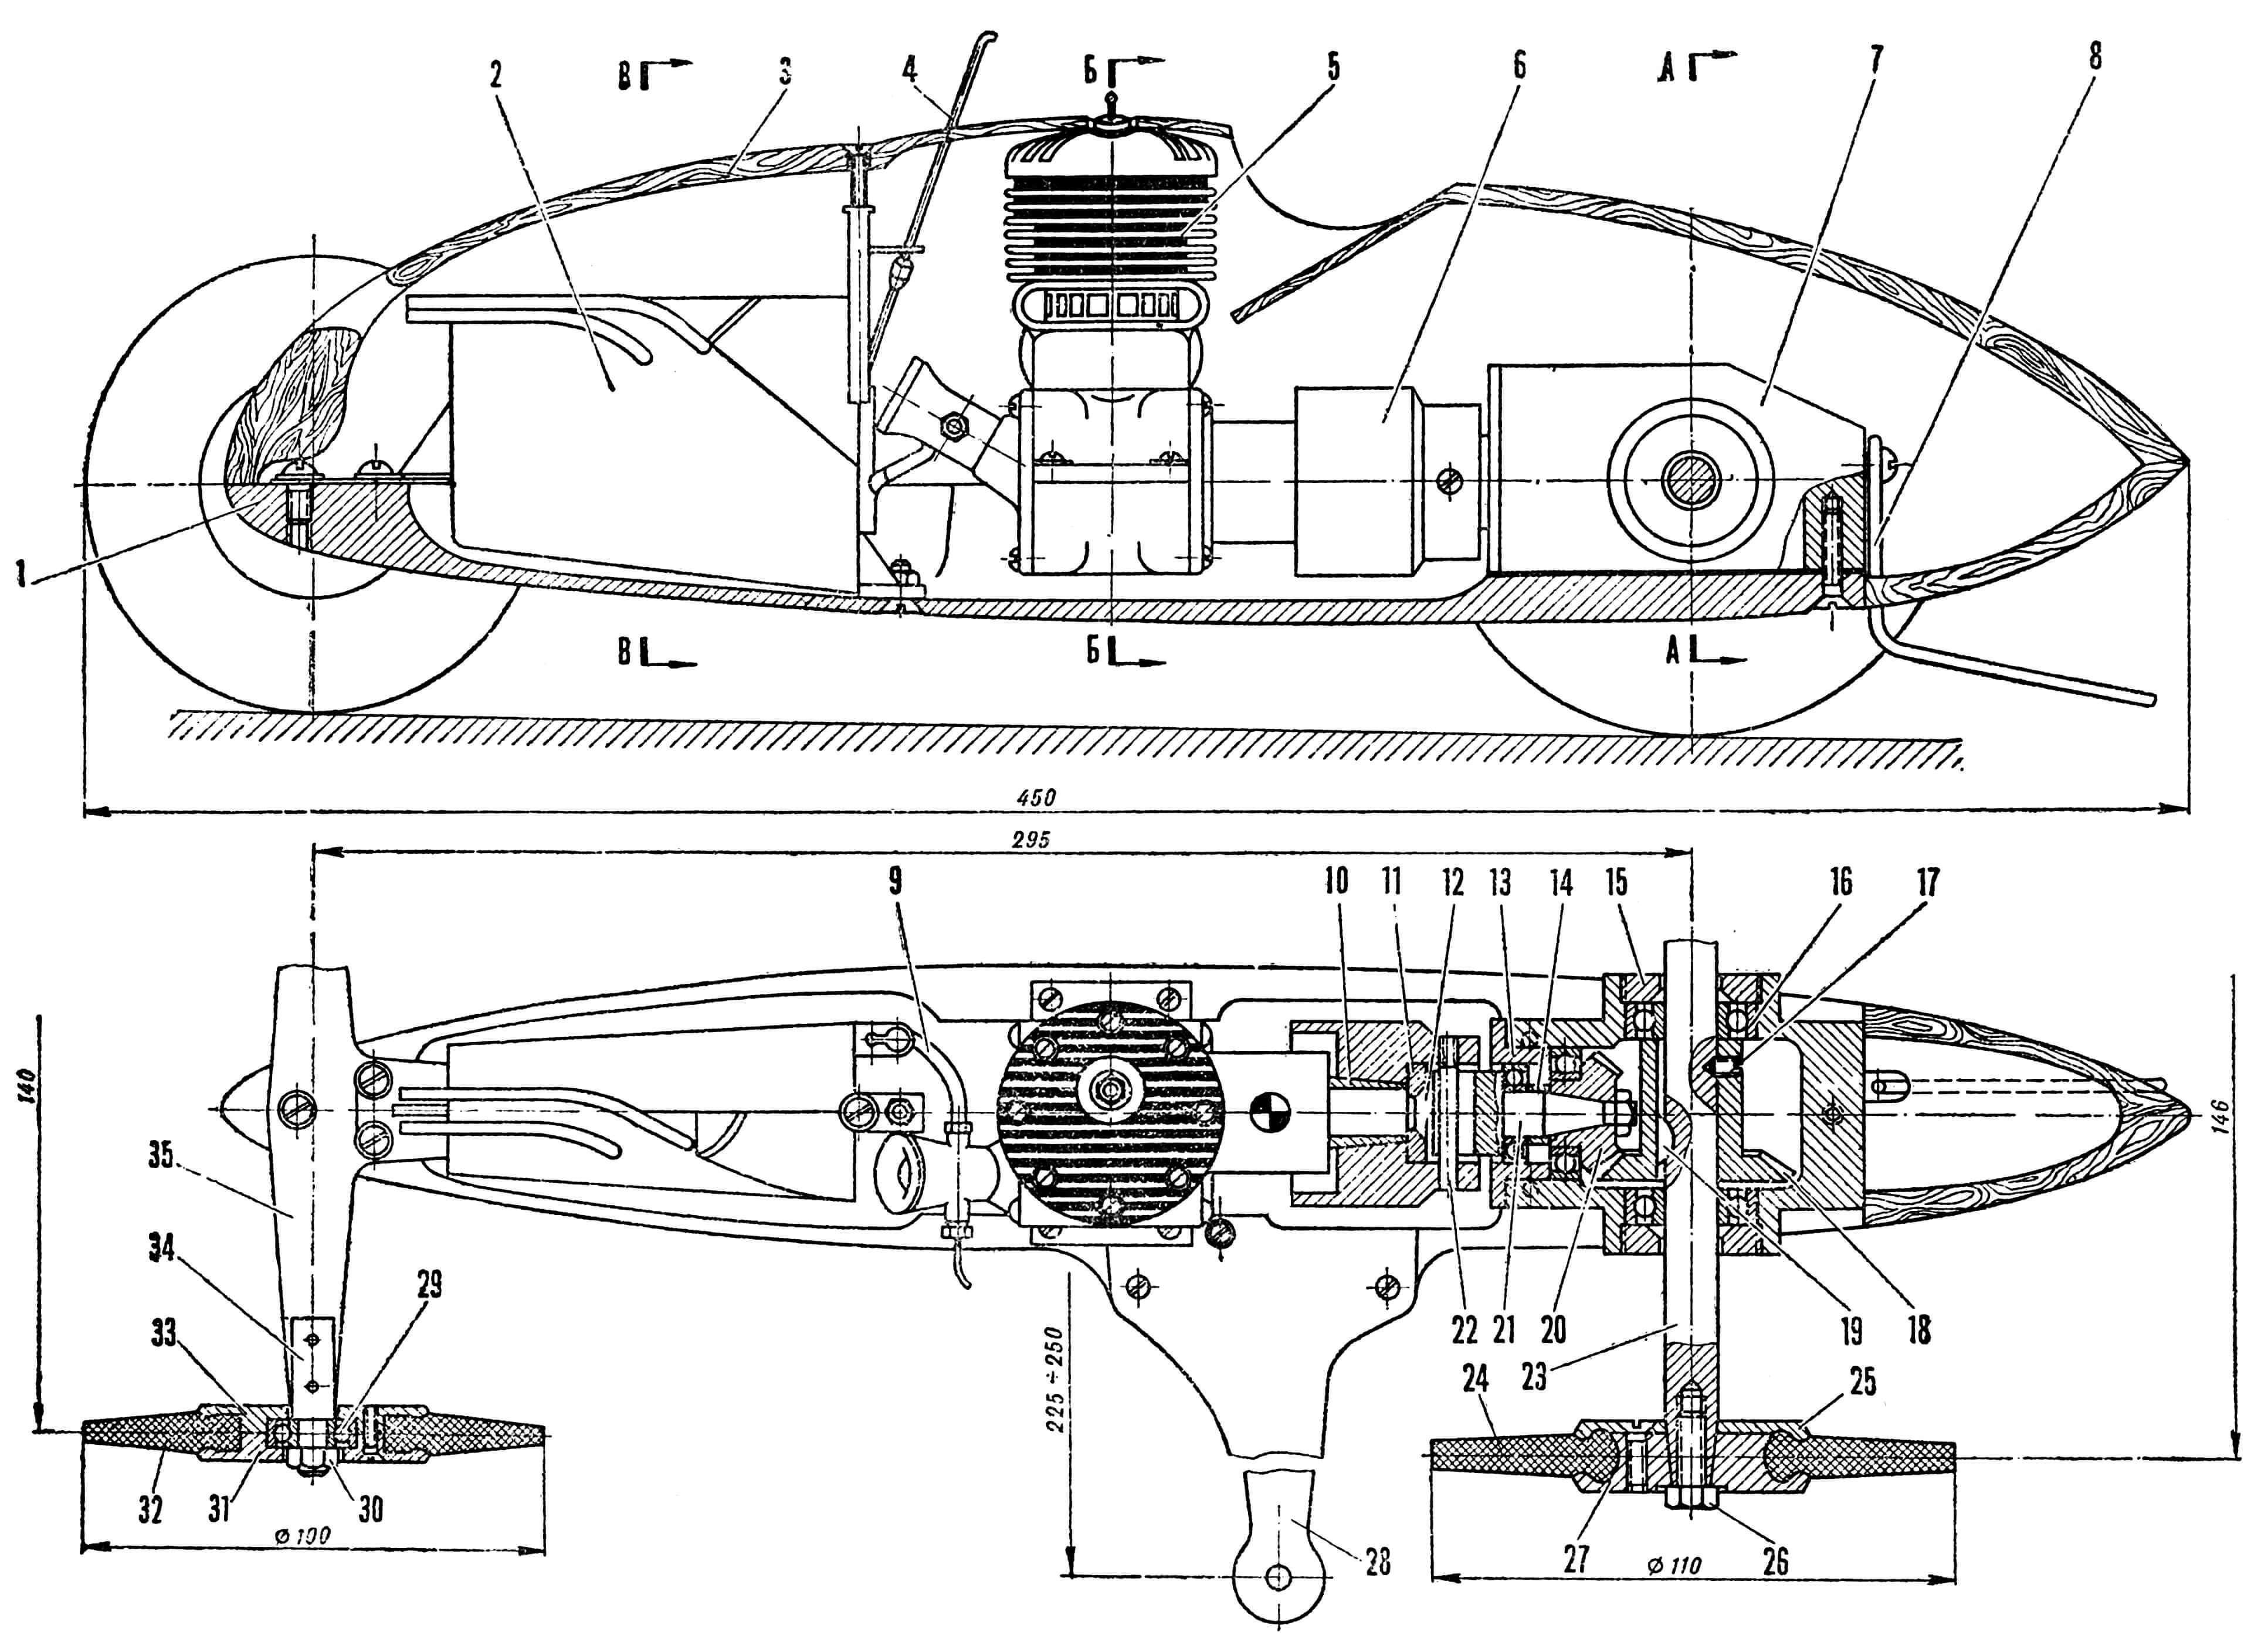 РИС. 1. МОДЕЛЬ ГОНОЧНОГО АВТОМОБИЛЯ КЛАССА 10 см3 (построенная по типу «Стрела»): 1—рама; 2 — топливный бак; 3 — обтекатель; 4 — антенна остановочного приспособления; 5 — двигатель; 6 — маховик; 7 — корпус редуктора; 8 — упорный костыль; 9 — топливная трубка; 10 — конусная втулка; 11 — упорная шайба; 12 — винт крепления маховика; 13 — упорная втулка; 14 — распорная втулка; 15 — резьбовая втулка; 16 — подшипник; 17 — установочный винт; 18 — ведомое зубчатое колесо редуктора; 19 — сегментная шпонка; 20 —_ведущее зубчатое колесо; 21 — вал ведущего зубчатого колеса; 22 — шпилька; 23 — ведущая ось; 24 и 32 — шины; 25 и 27— диски заднего колеса; 26 —винт; 28 — кордовая планка; 29 — подшипник; 30 — гайка; 31 и 33 —диски переднего колеса; 34 — цапфа; 35 пластина передней подвески.